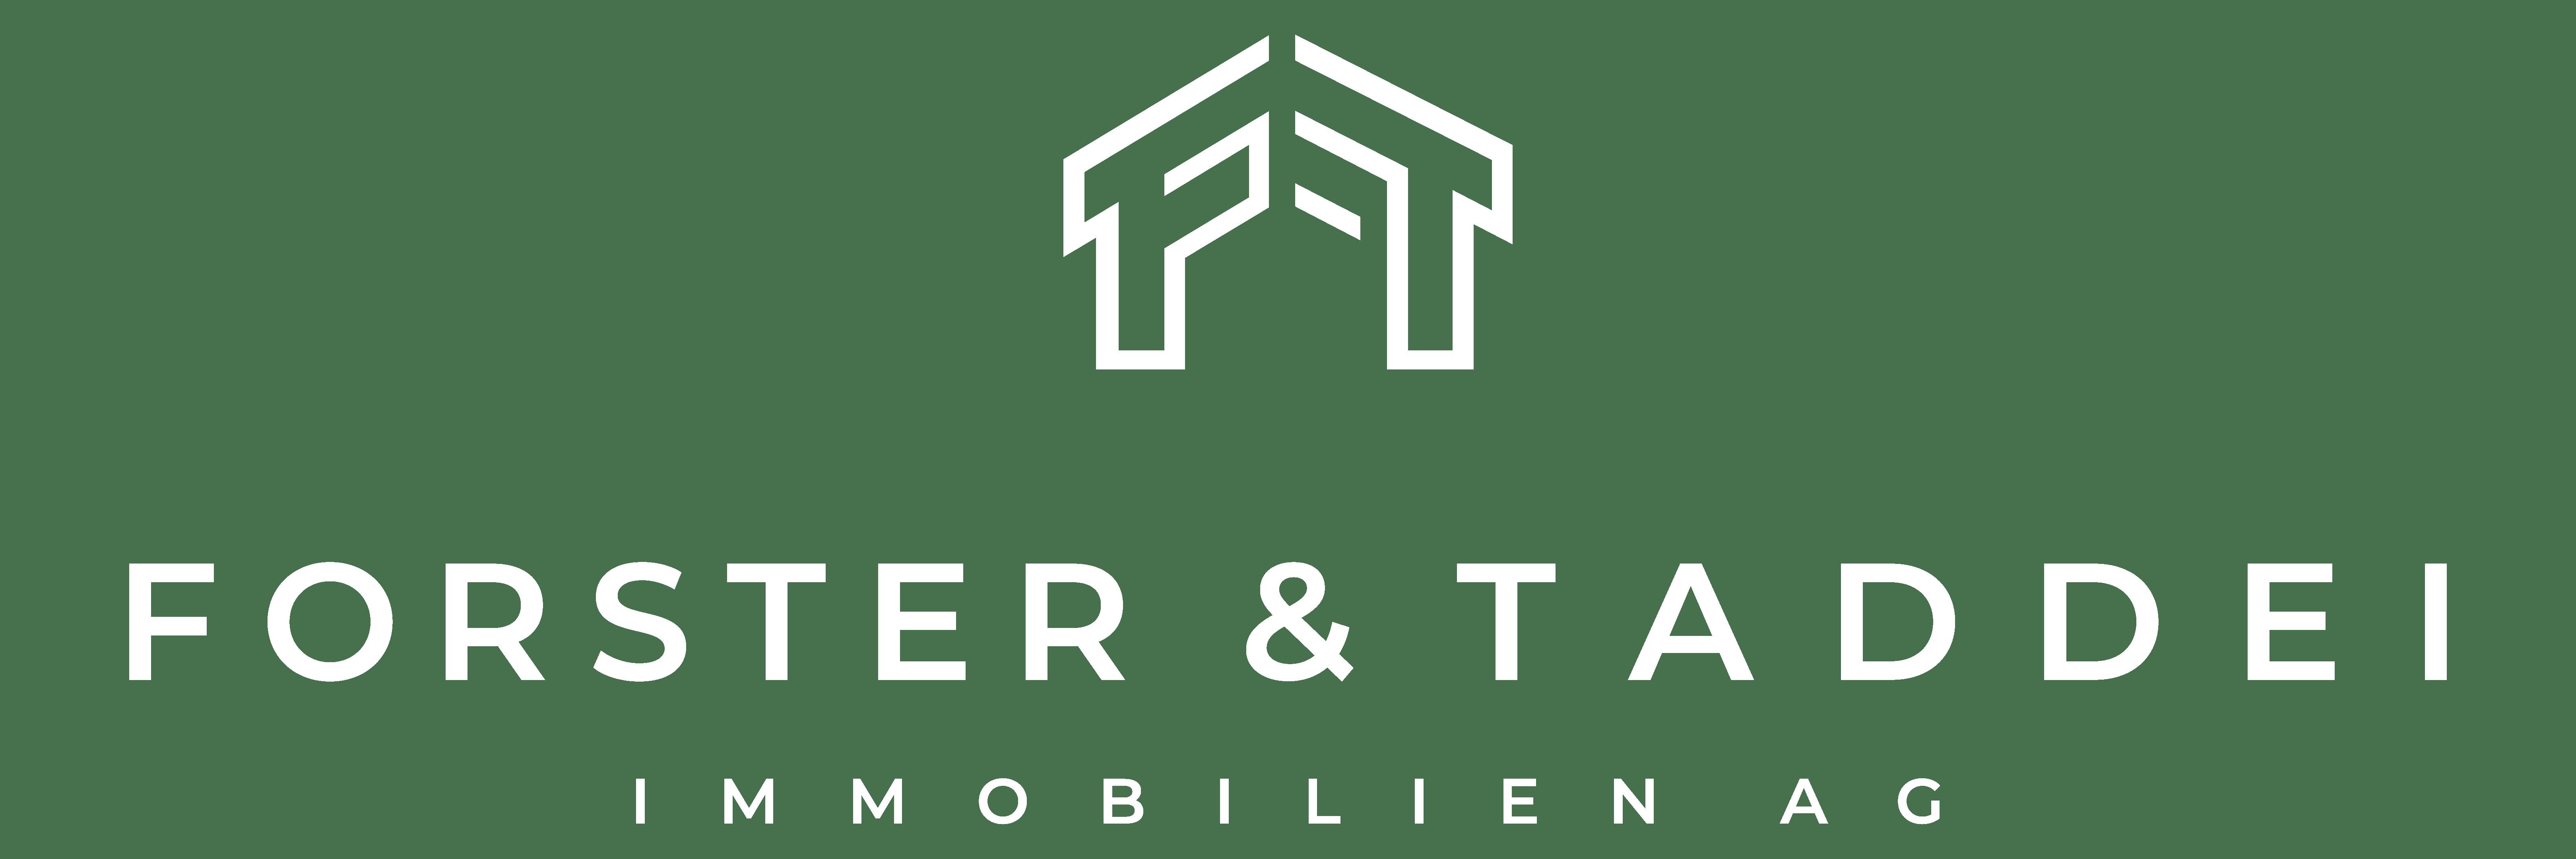 Forster & Taddei Immobilien AG, Zürich